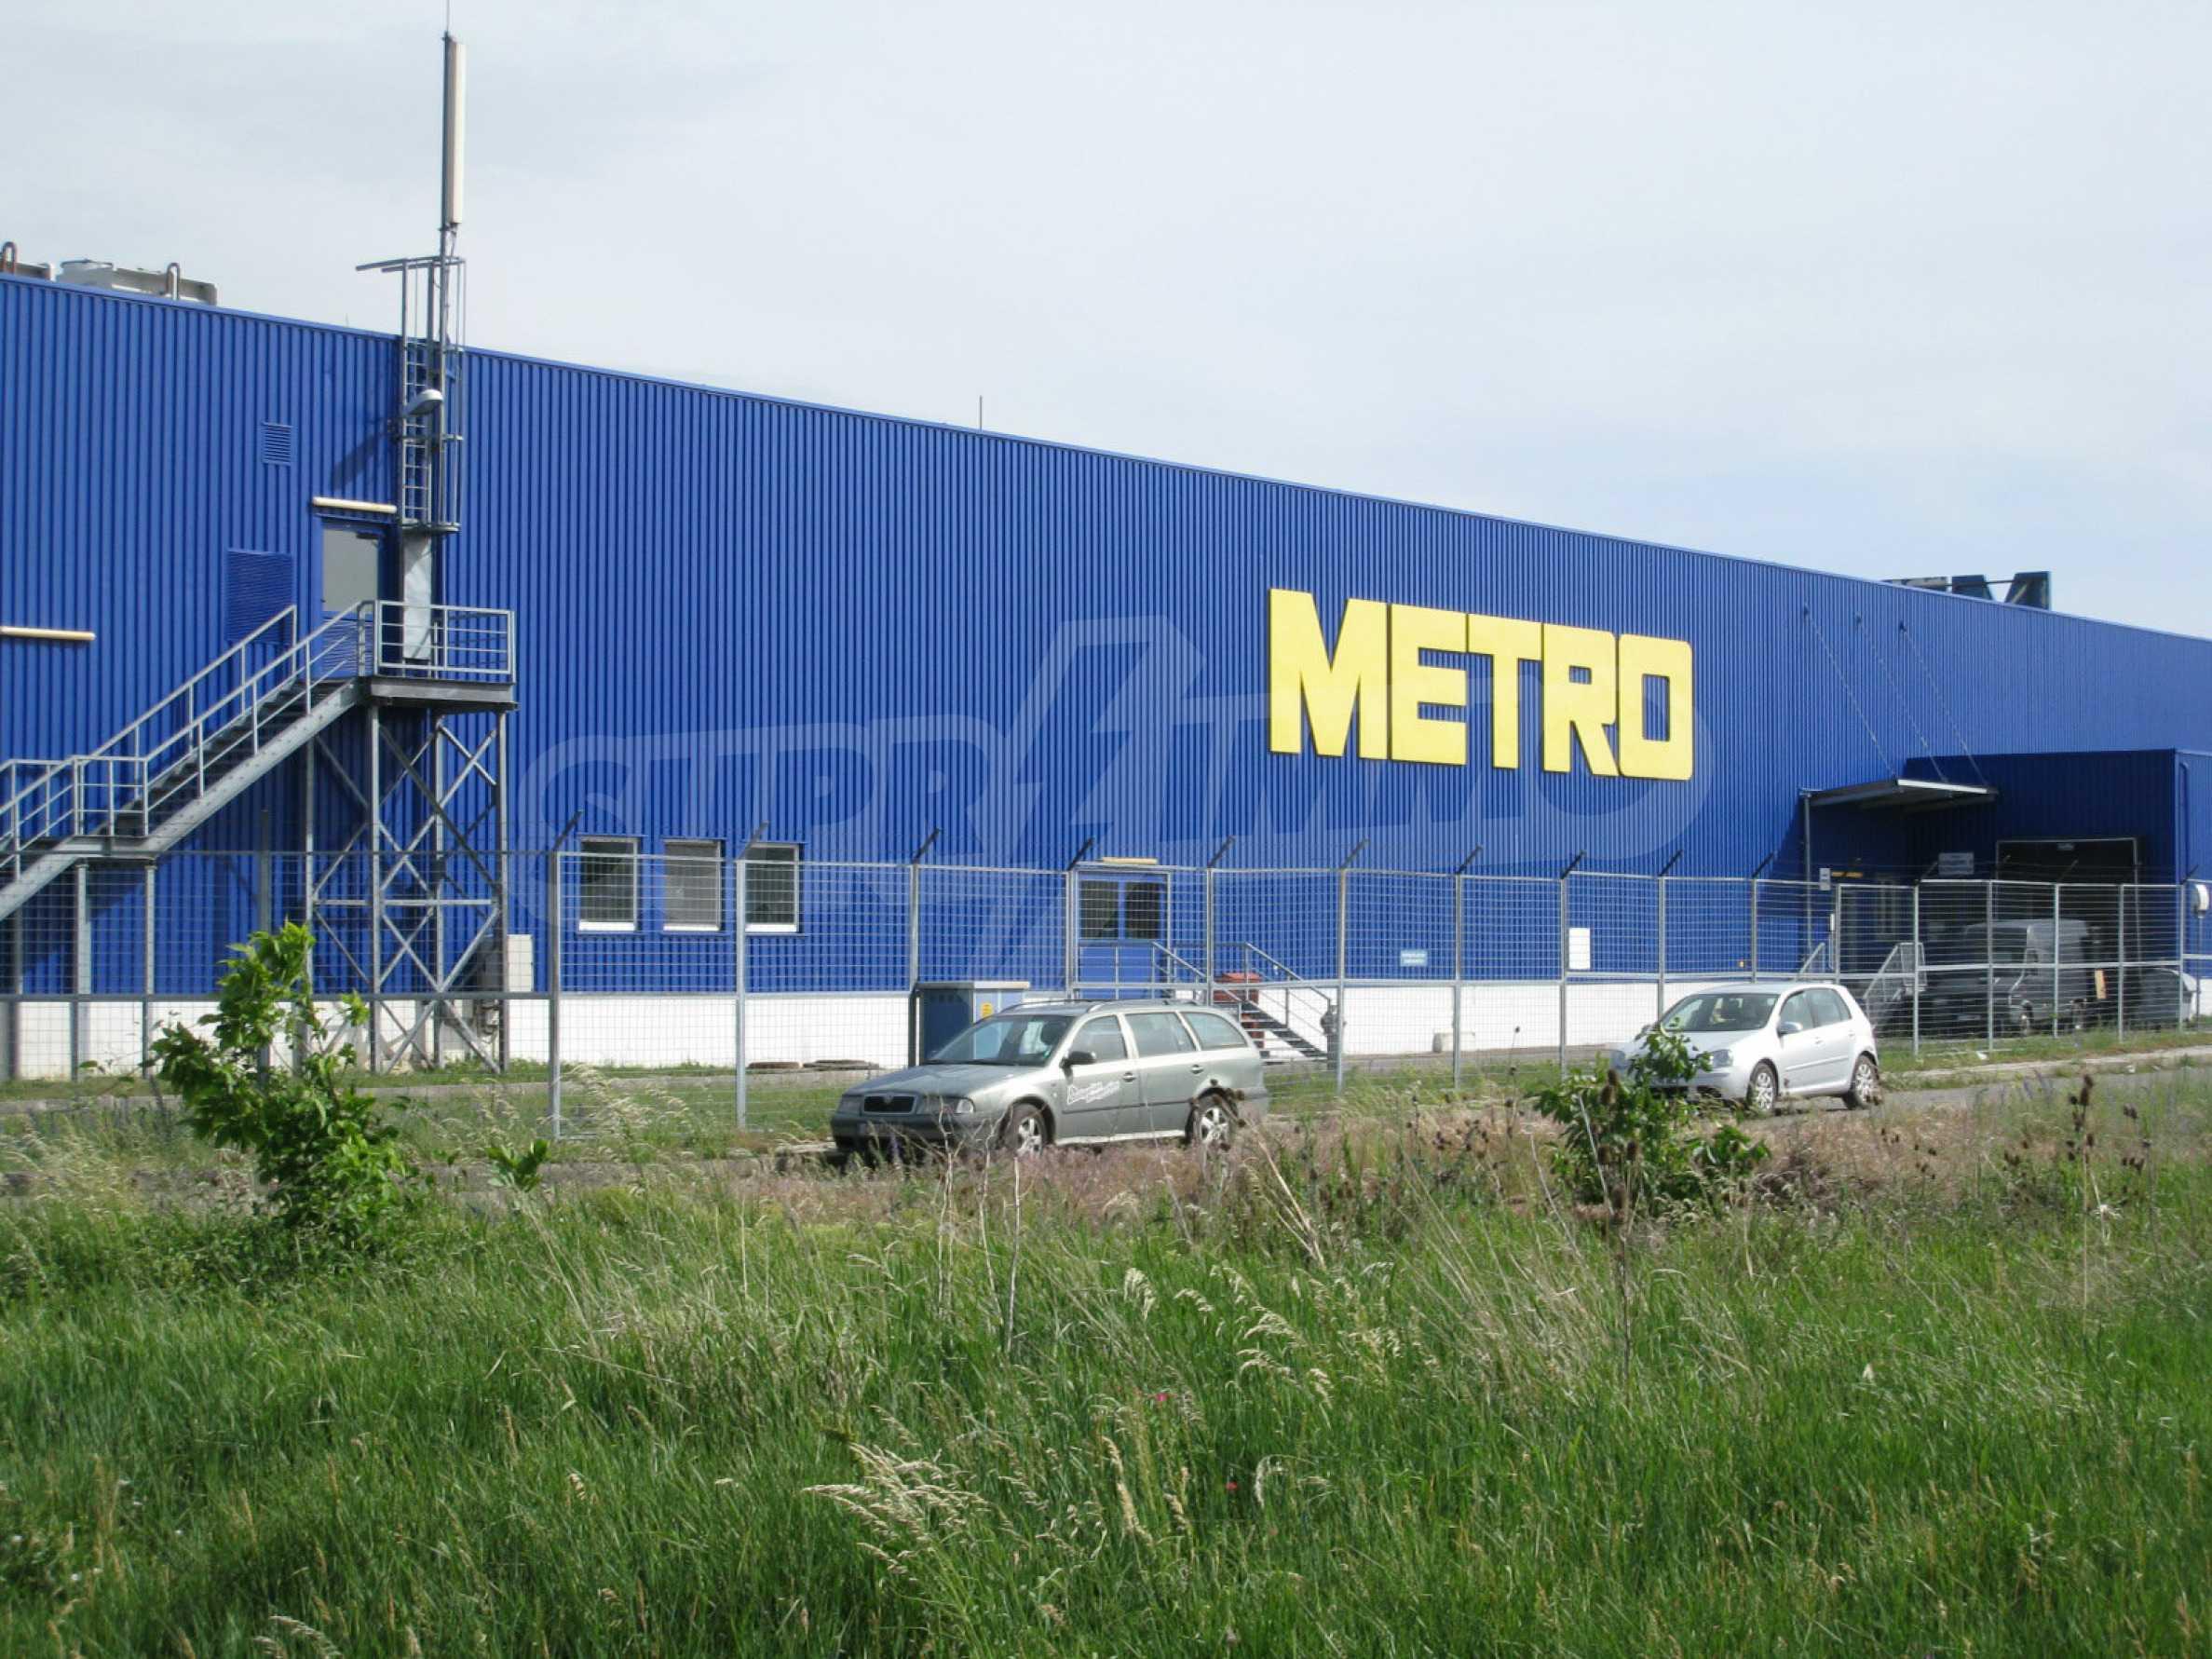 Investitionsgrundstück in der Nähe des Metro-Shops am Europe Blvd.